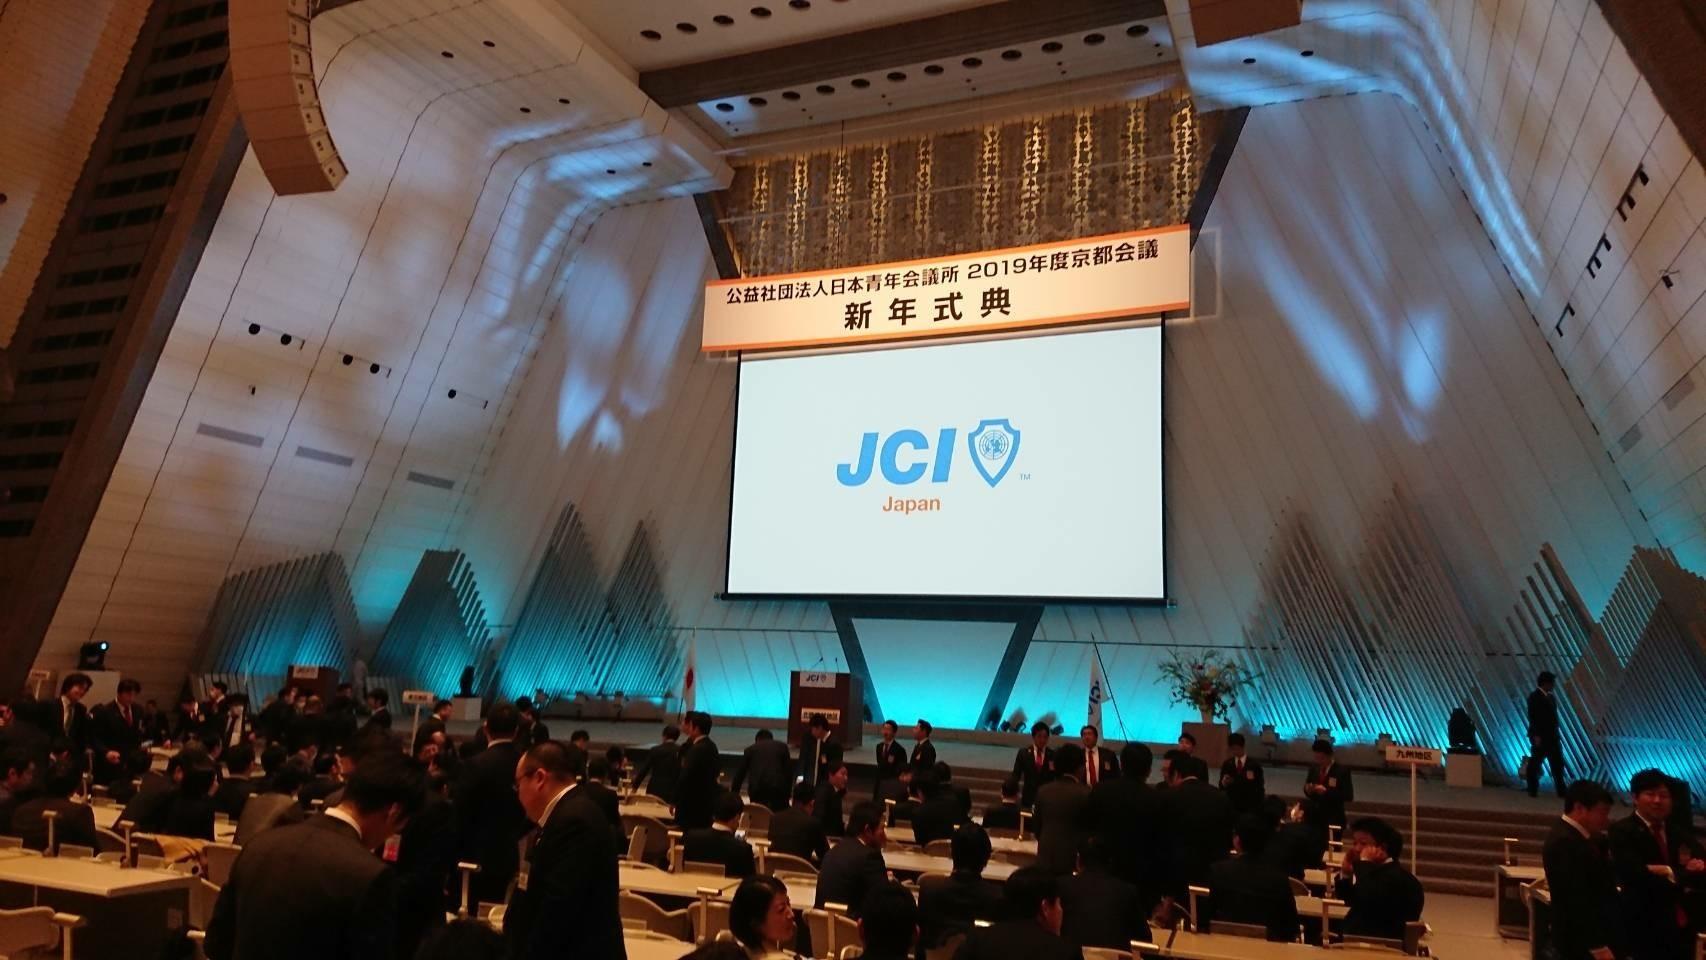 公益社団法人 日本青年会議所新年式典 2019年度京都会議のサムネイル画像1